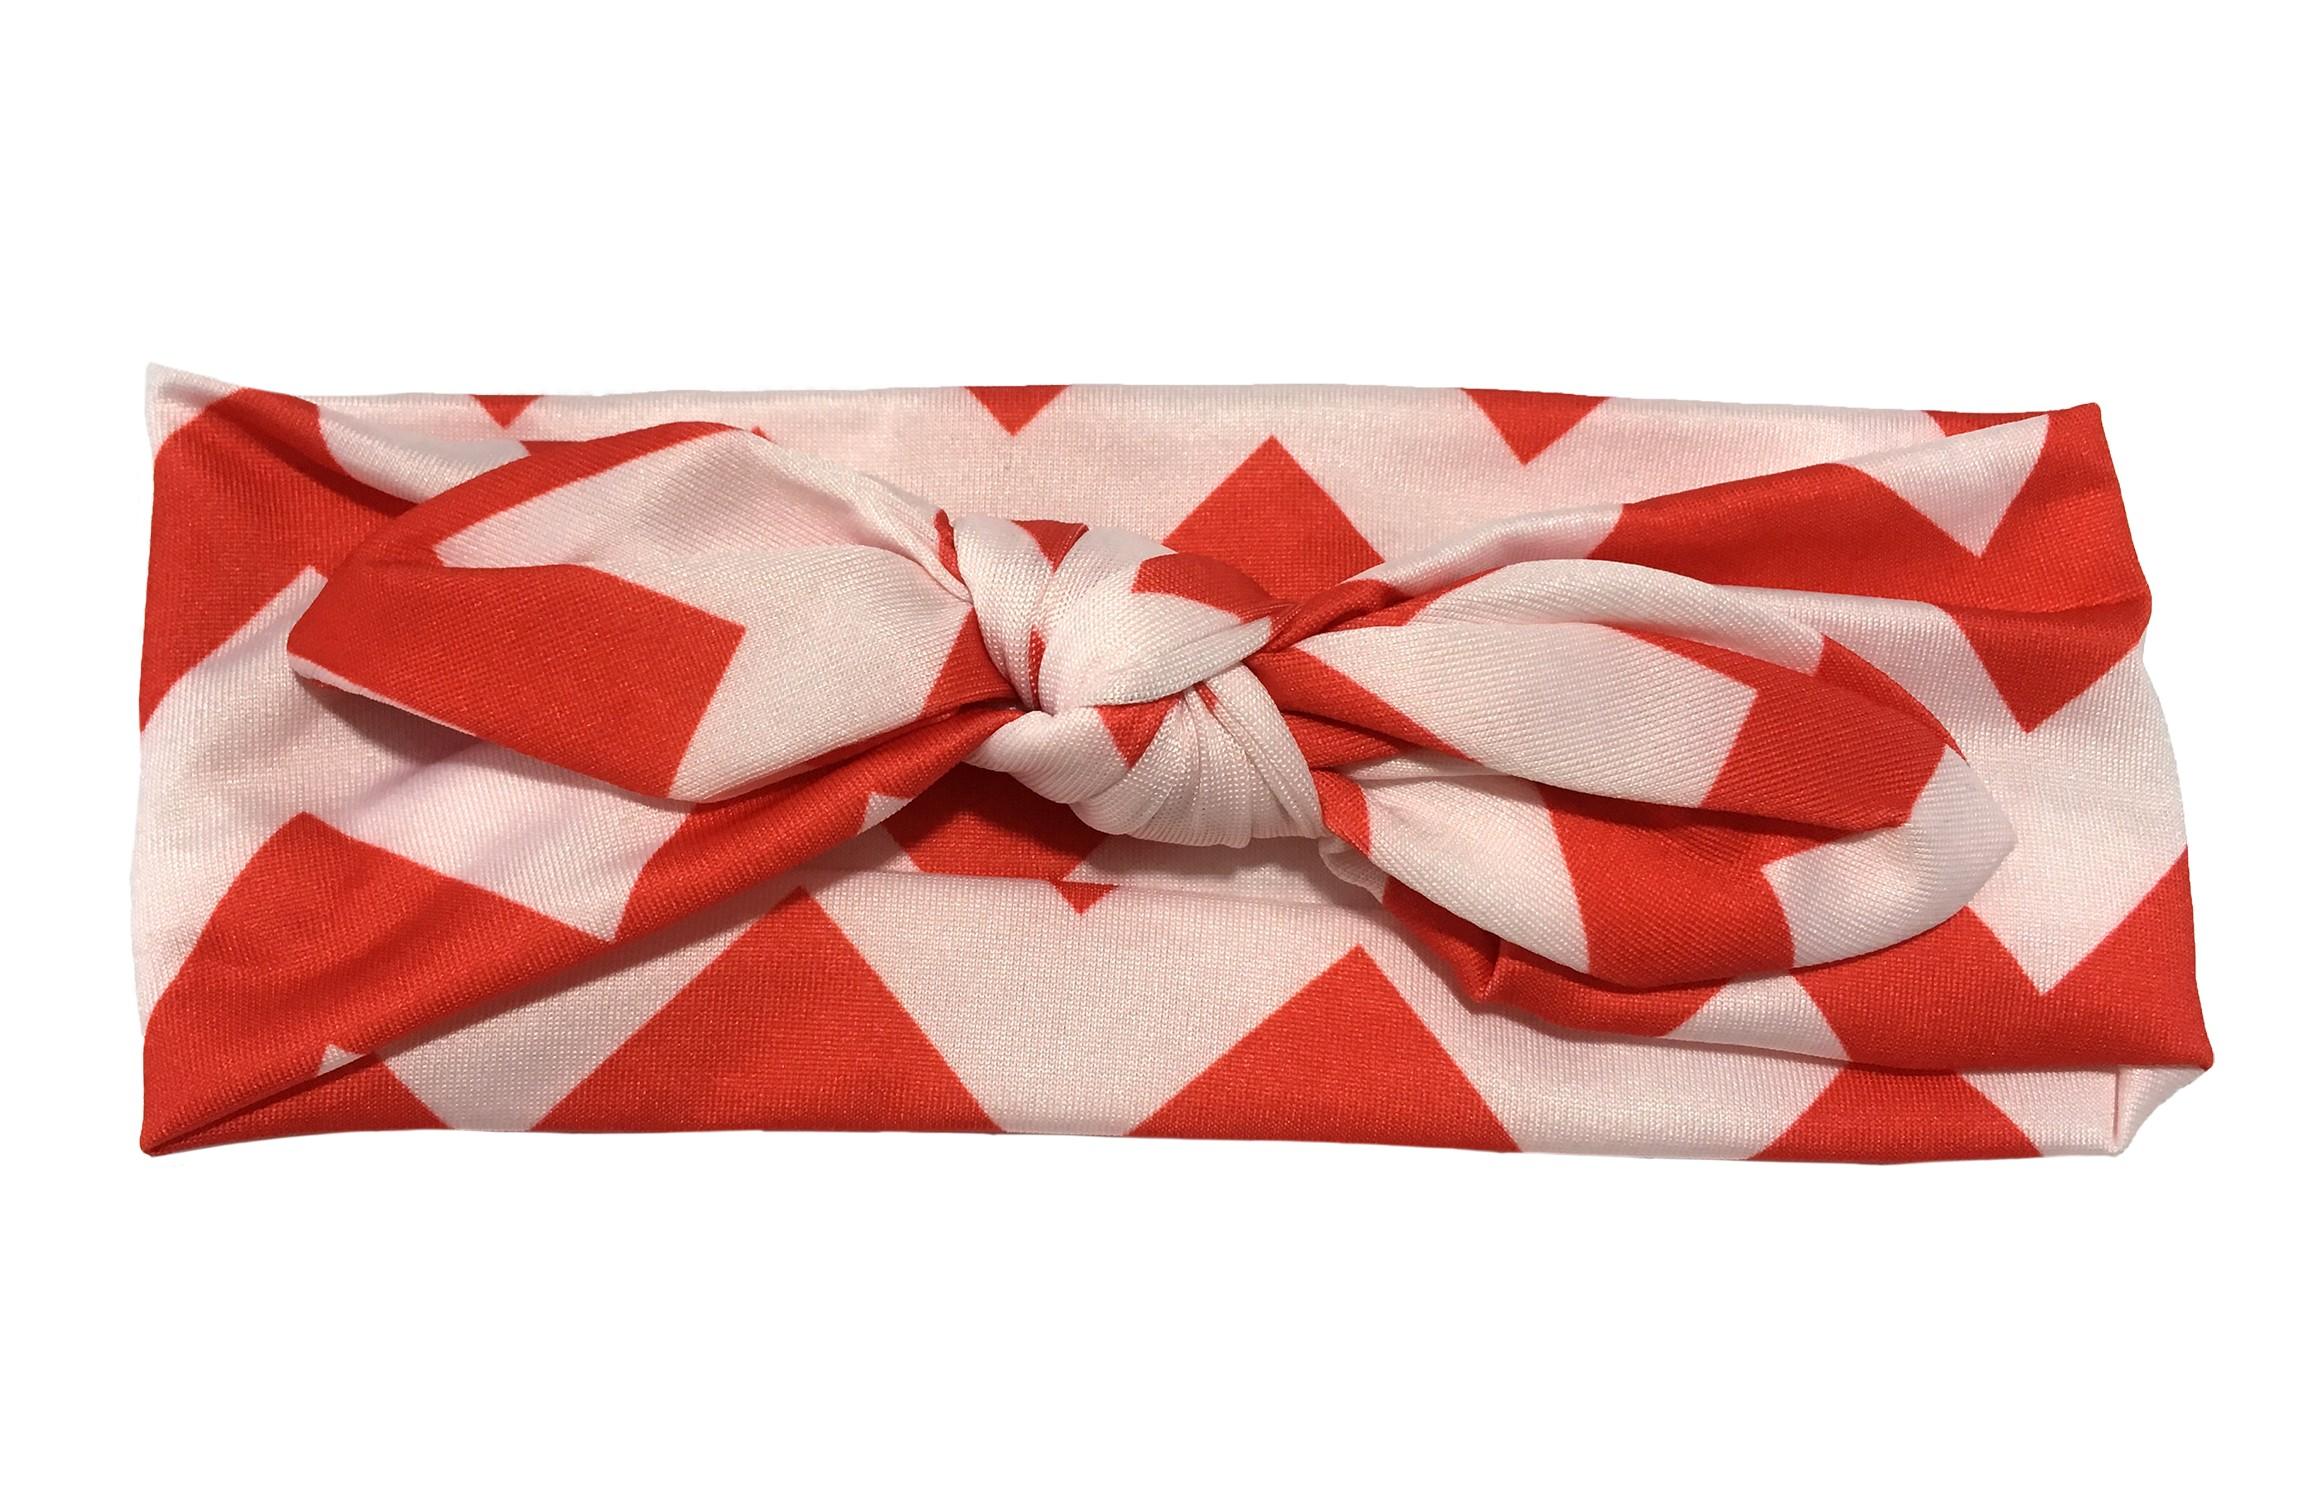 Vrolijk rood wit baby peuter haarbandje van gladde rekbare stof met zigzag strepen. Geknoopt in leuk 'konijnenoortjes model' De hoogte van het haarbandje is ongeveer 6 centimeter.